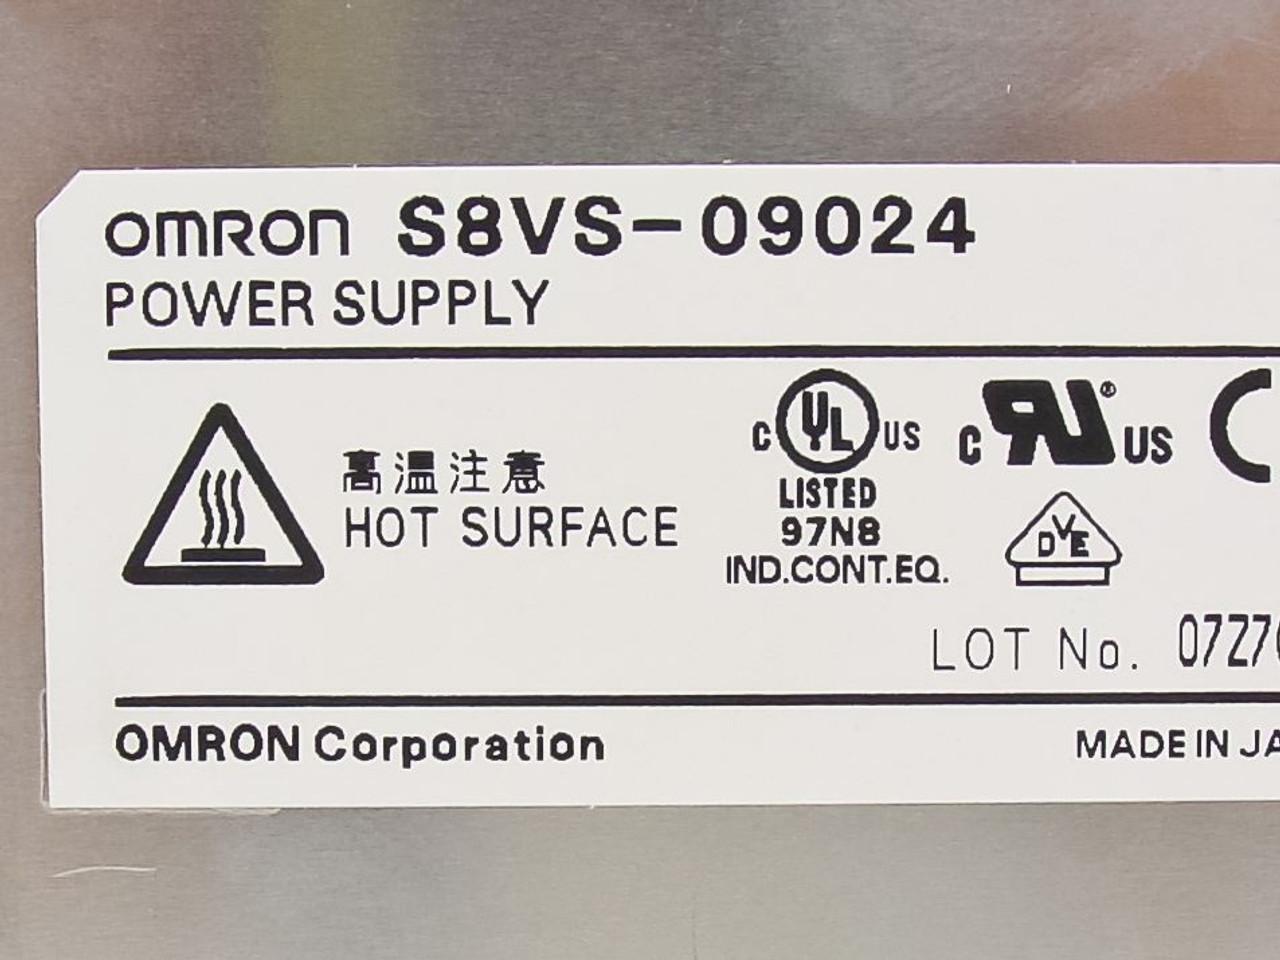 Omron Pyf A E Wiring Diagram on